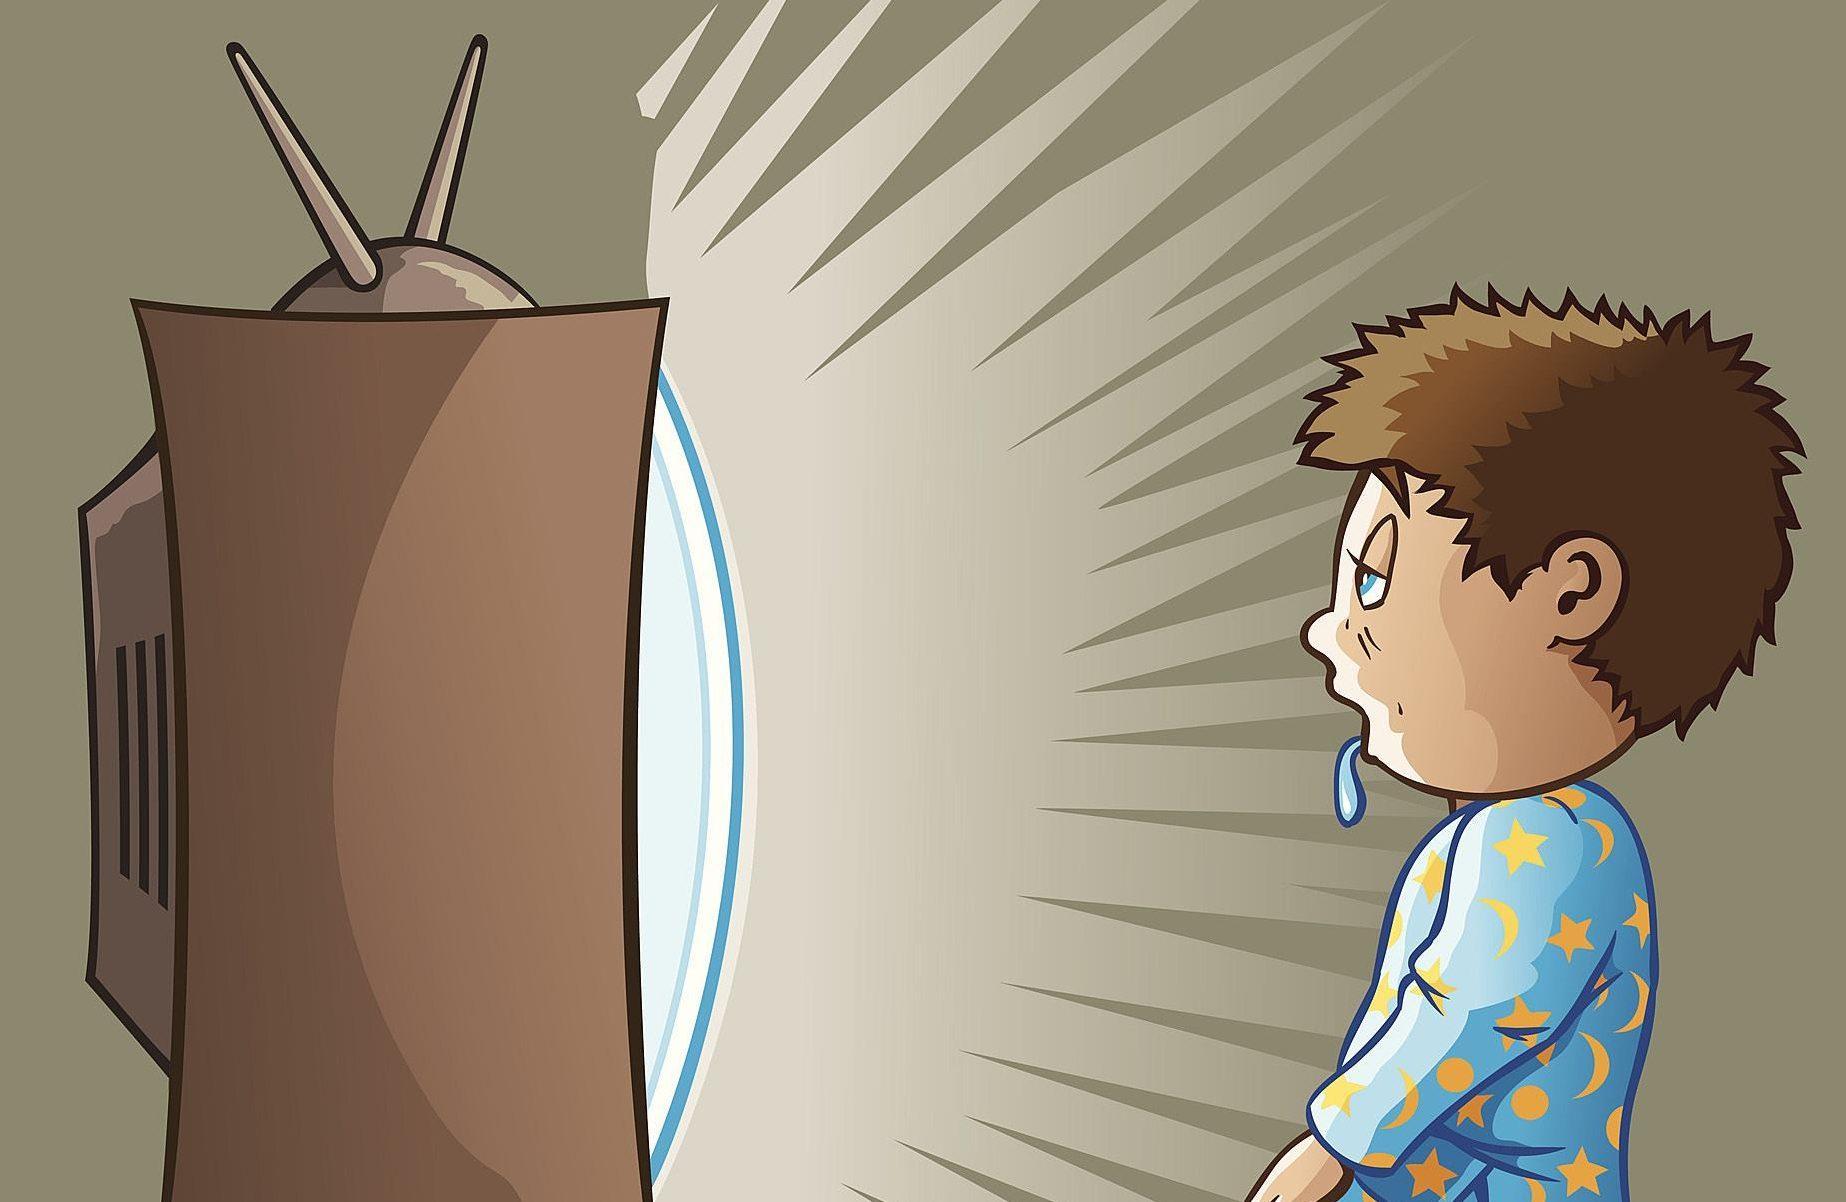 """""""Ψηφιακή αποβλάκωση"""": Η σχέση των παιδιών με τις οθόνες που έγινε επικίνδυνο φαινόμενο"""